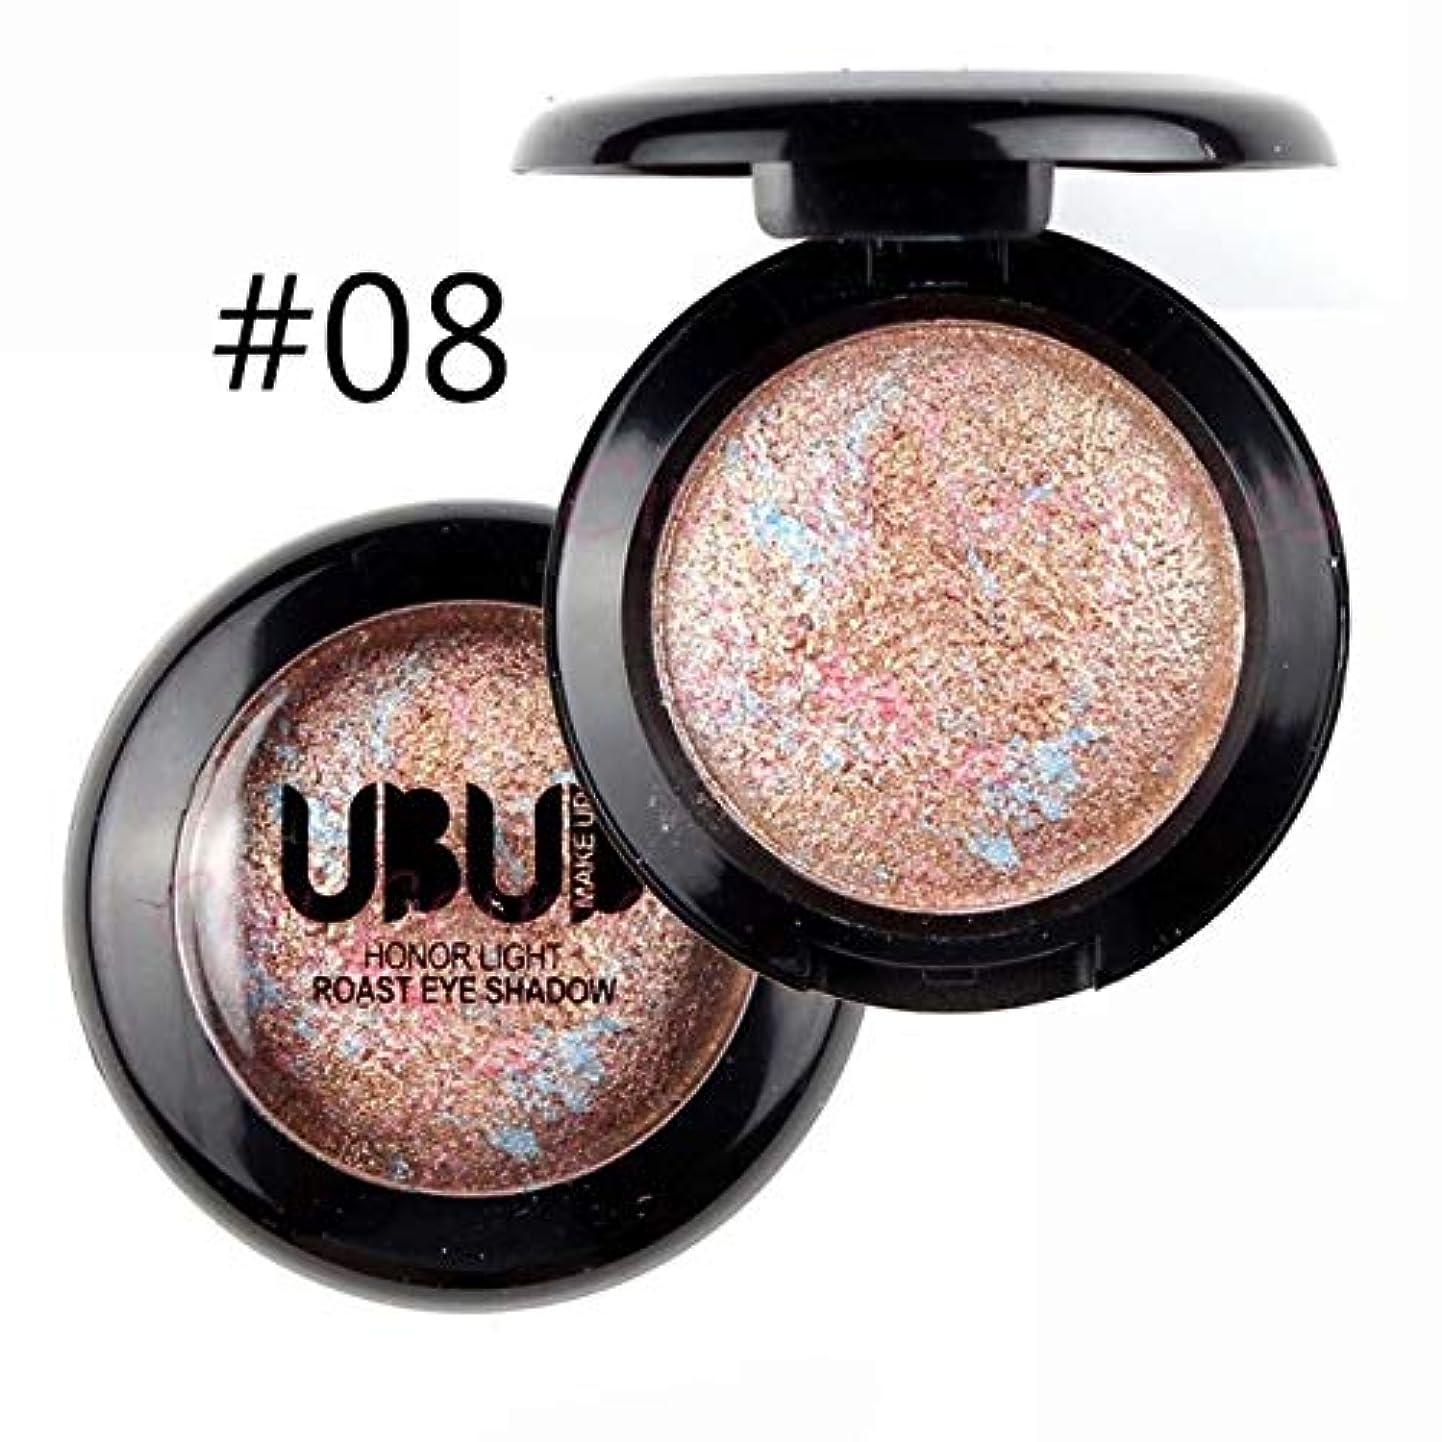 嵐将来のドナー美容アクセサリー UBUB 3 PCS Professionalヌードアイシャドウパレットメイクアップマットアイシャドー(01真珠光沢) 写真美容アクセサリー (色 : 08 Gold bronze)